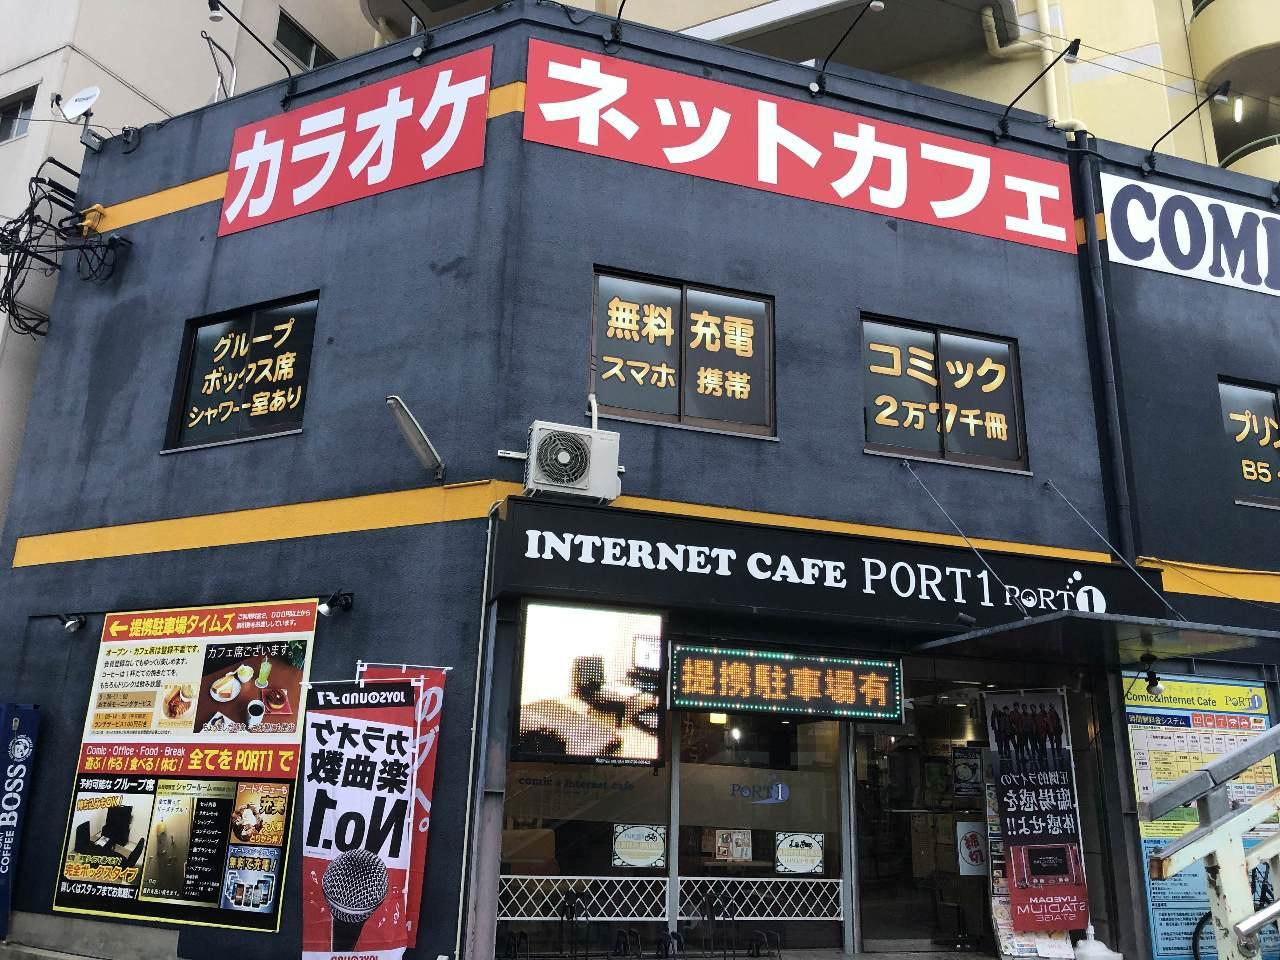 コミック&インターネットカフェ ポートワン